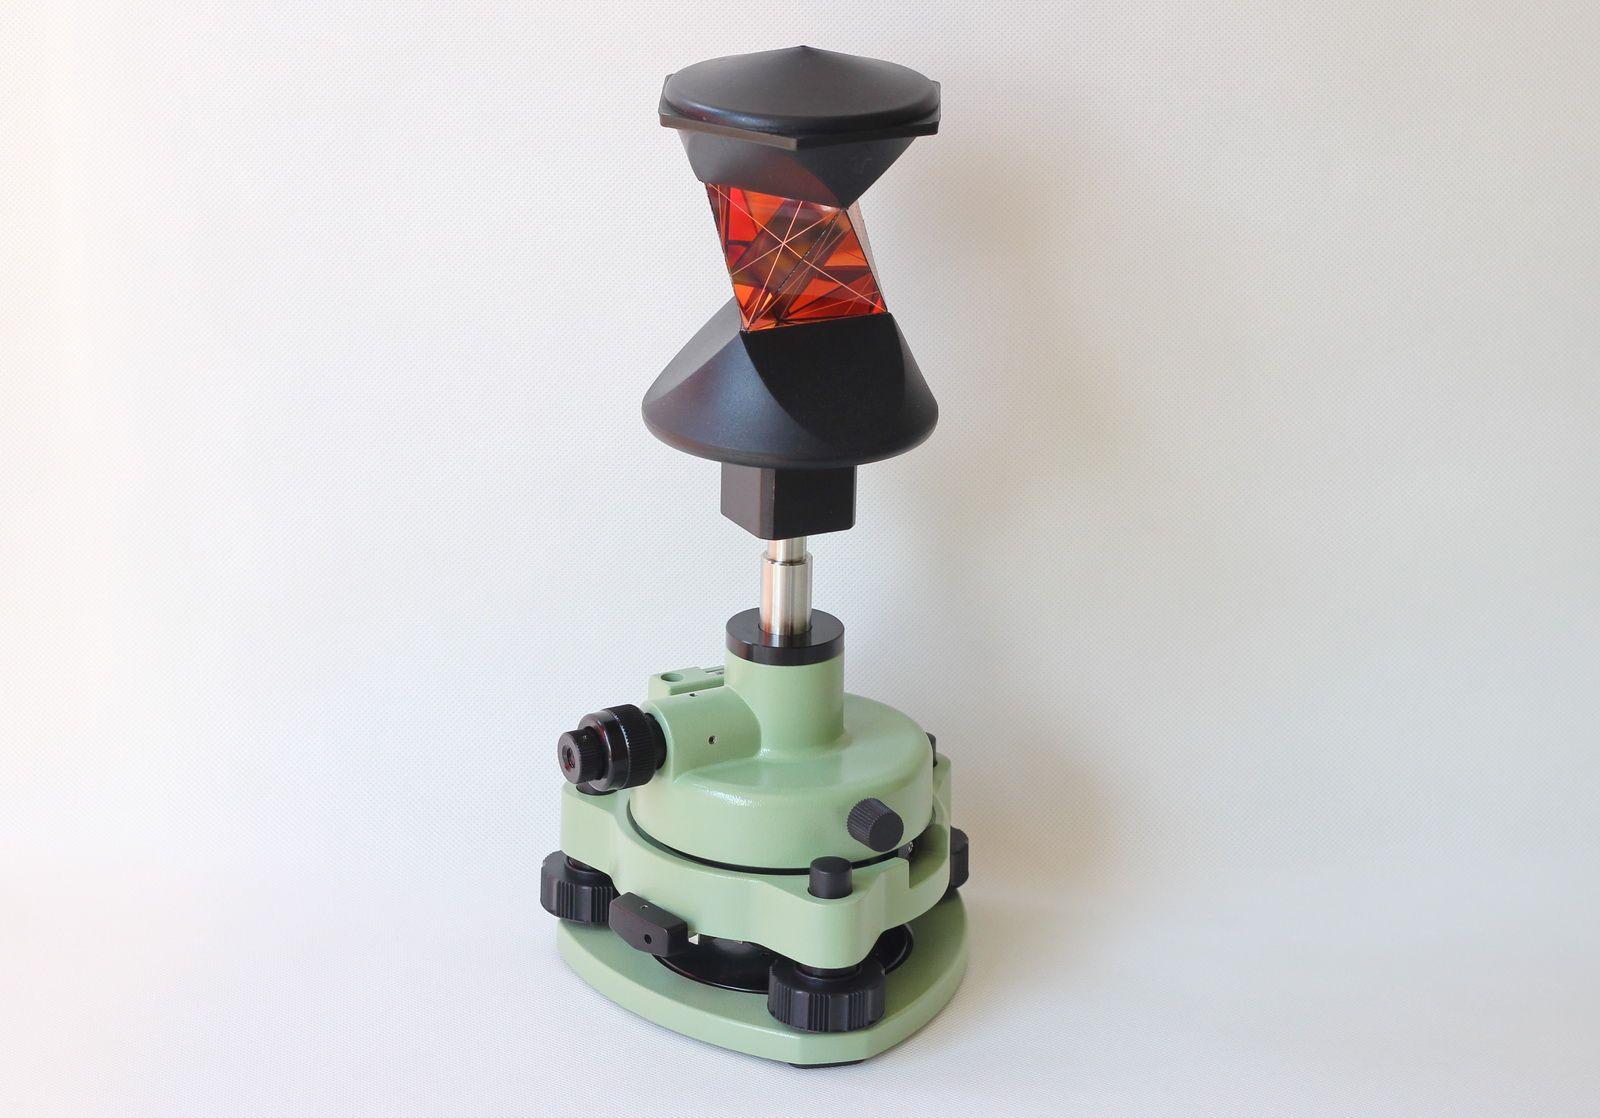 Einzelhandel / Großhandel Neu Ersetzen GRZ4 360 Prisma Reflektierende System mit Dreifuß und Träger mit optischen Plummet und Softbag für Leica Total Sta